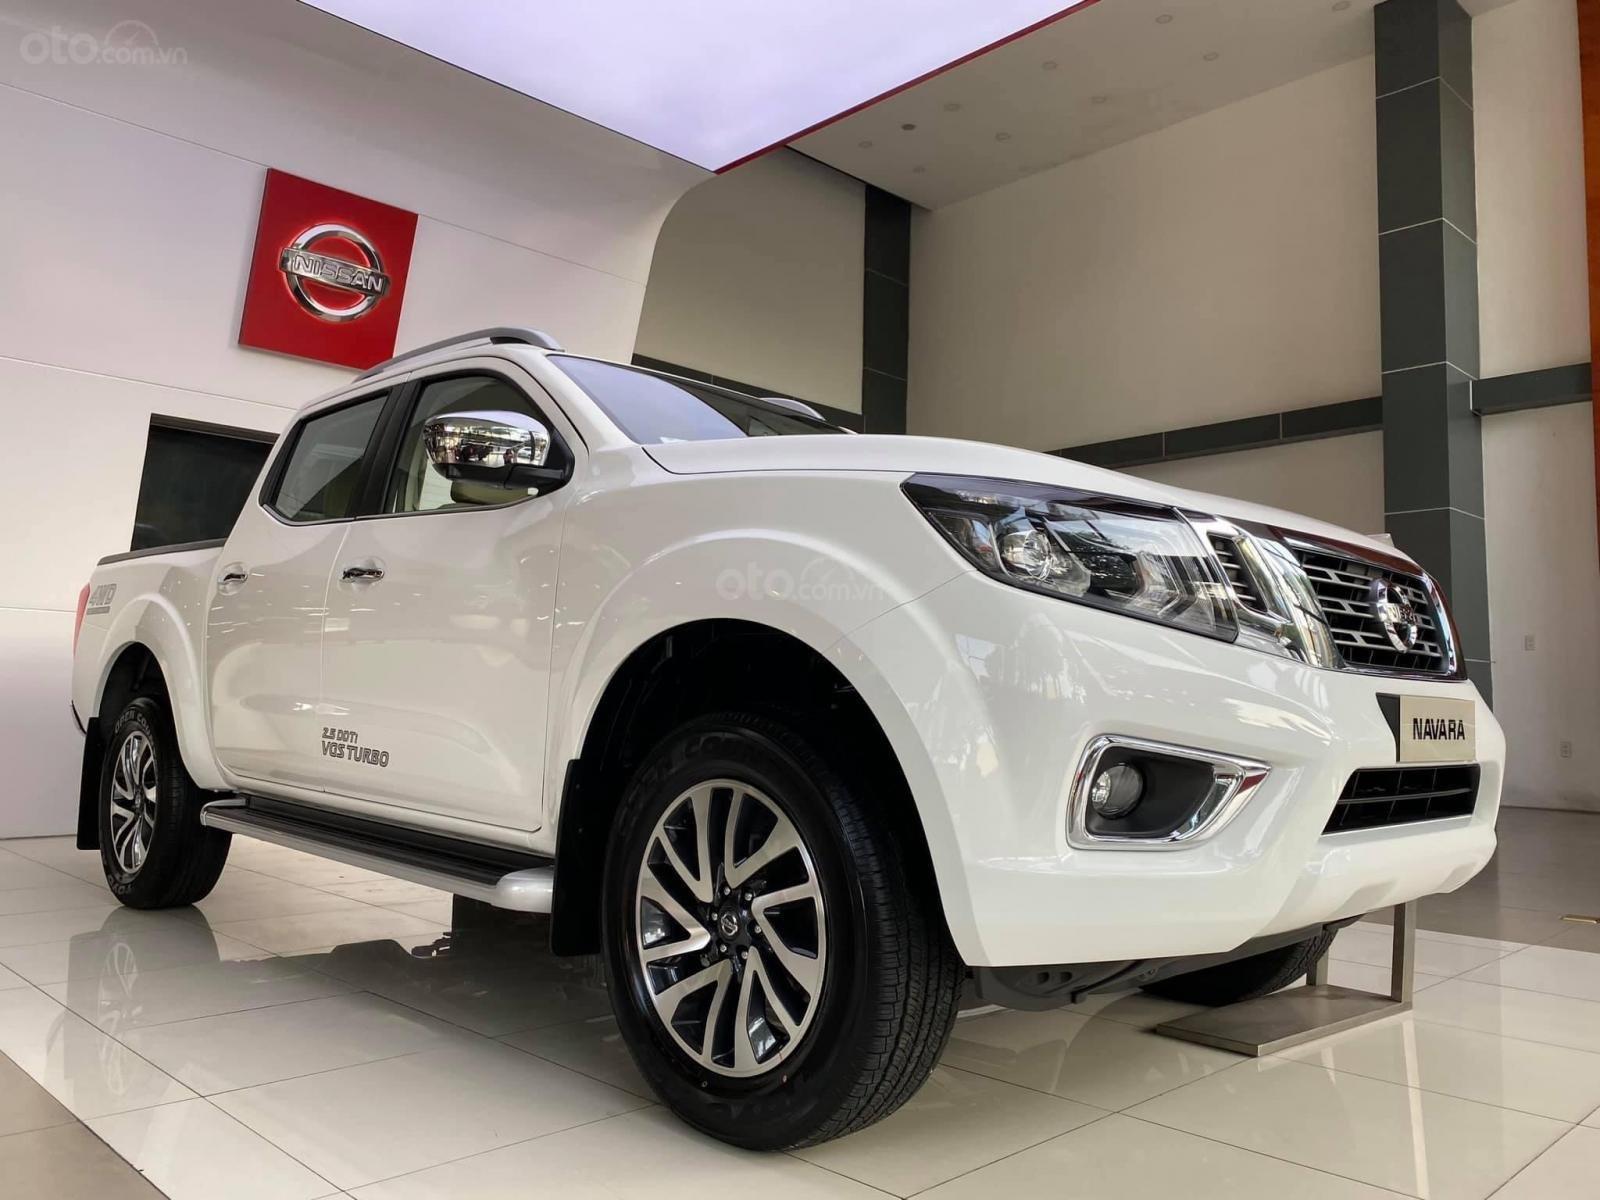 Nissan Navara El A-IVI 2020 đủ màu - Hỗ trợ vay ngân hàng 80% 200tr mang xe về (3)